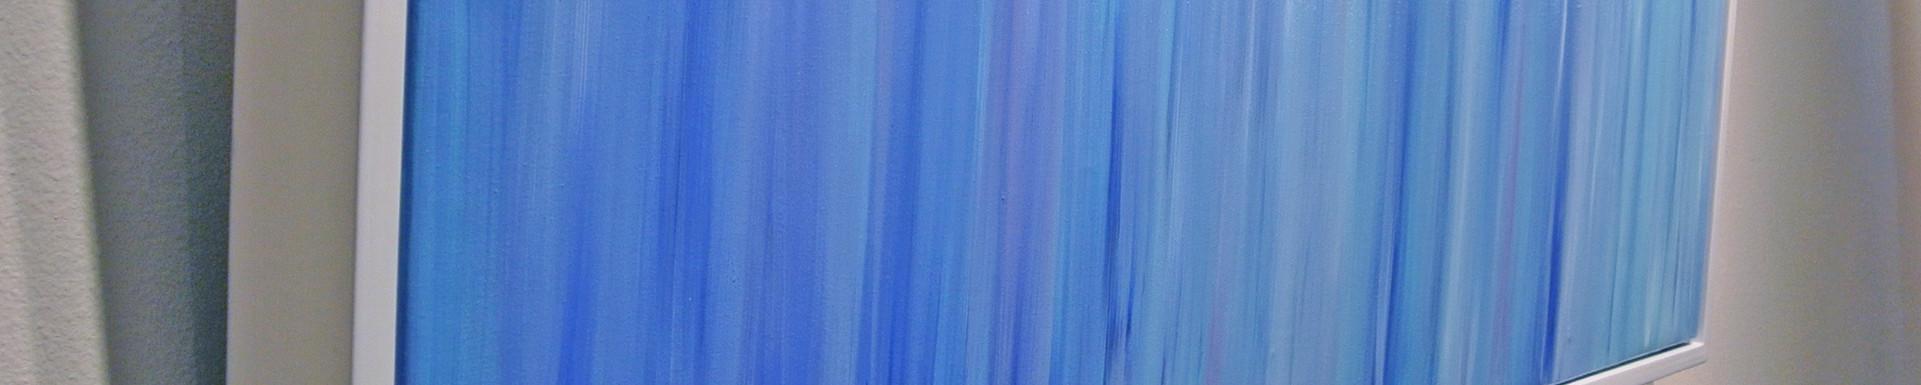 Blue rectangle 1.jpg